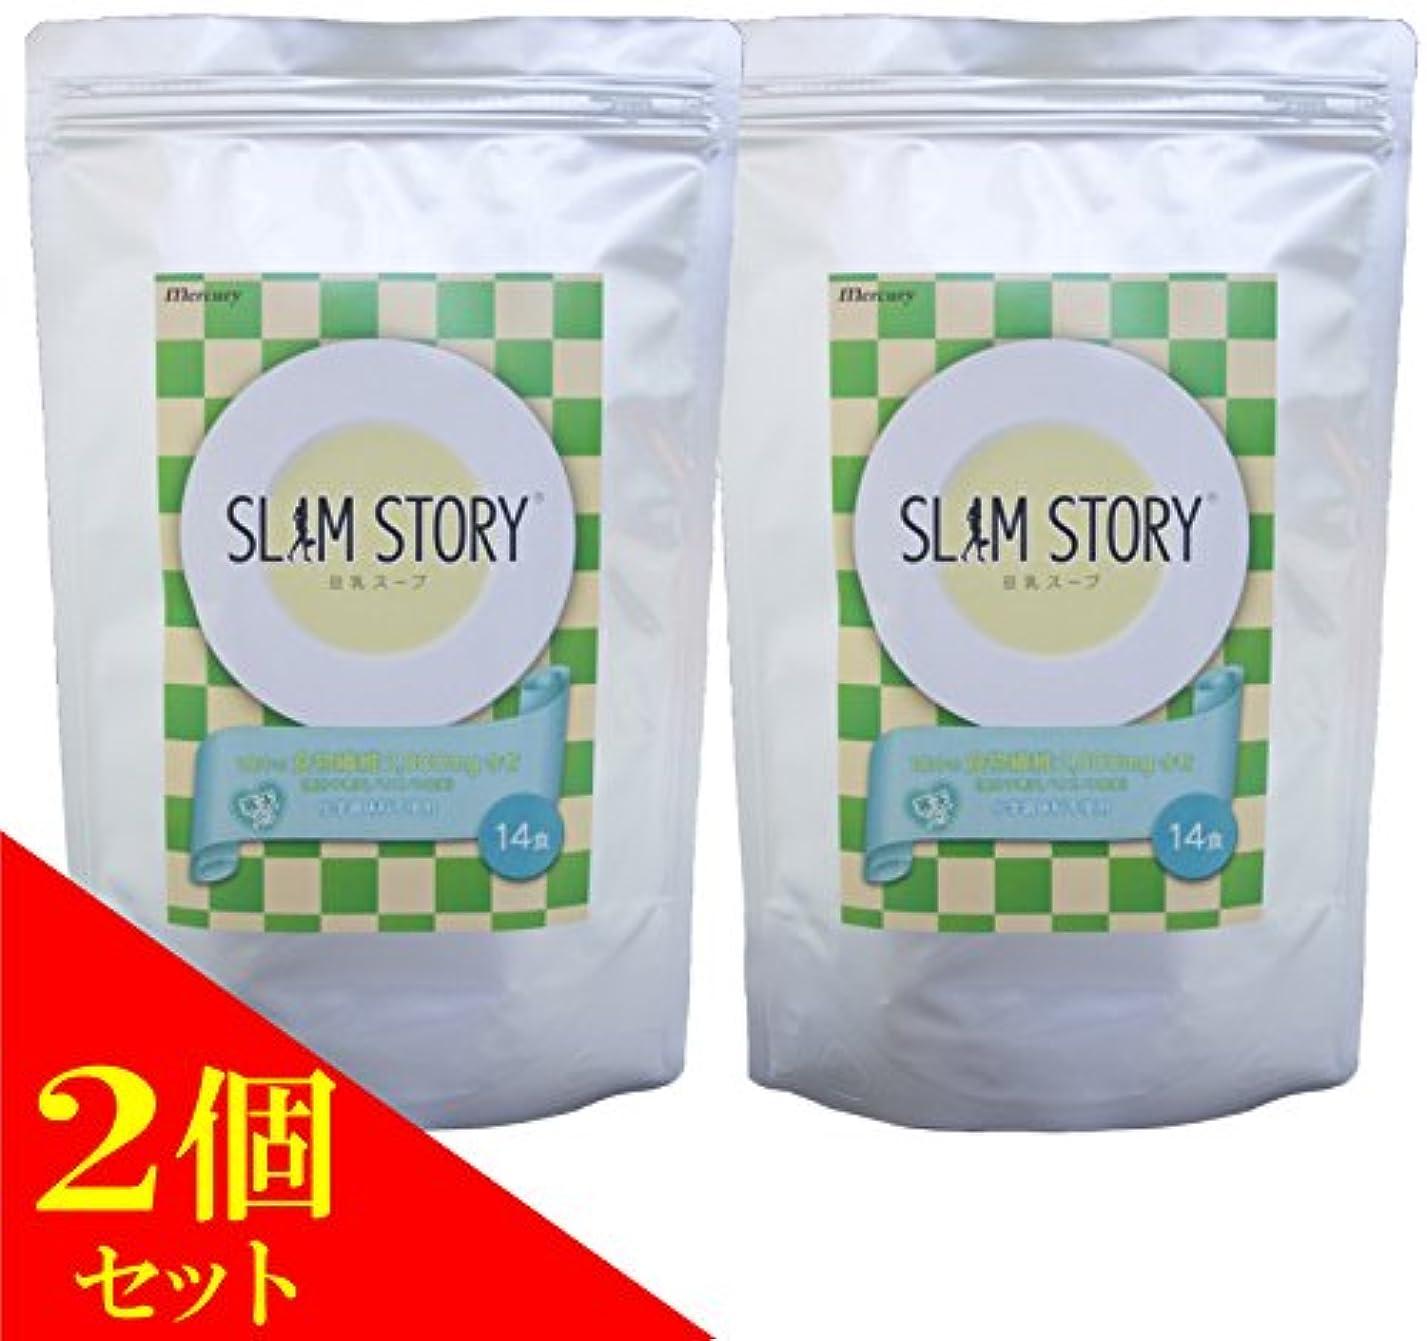 購入一目裁判所(2個)マーキュリー SLIM STORY 豆乳スープ 14食×2個セット/化学調味料 不使用(4947041155176)